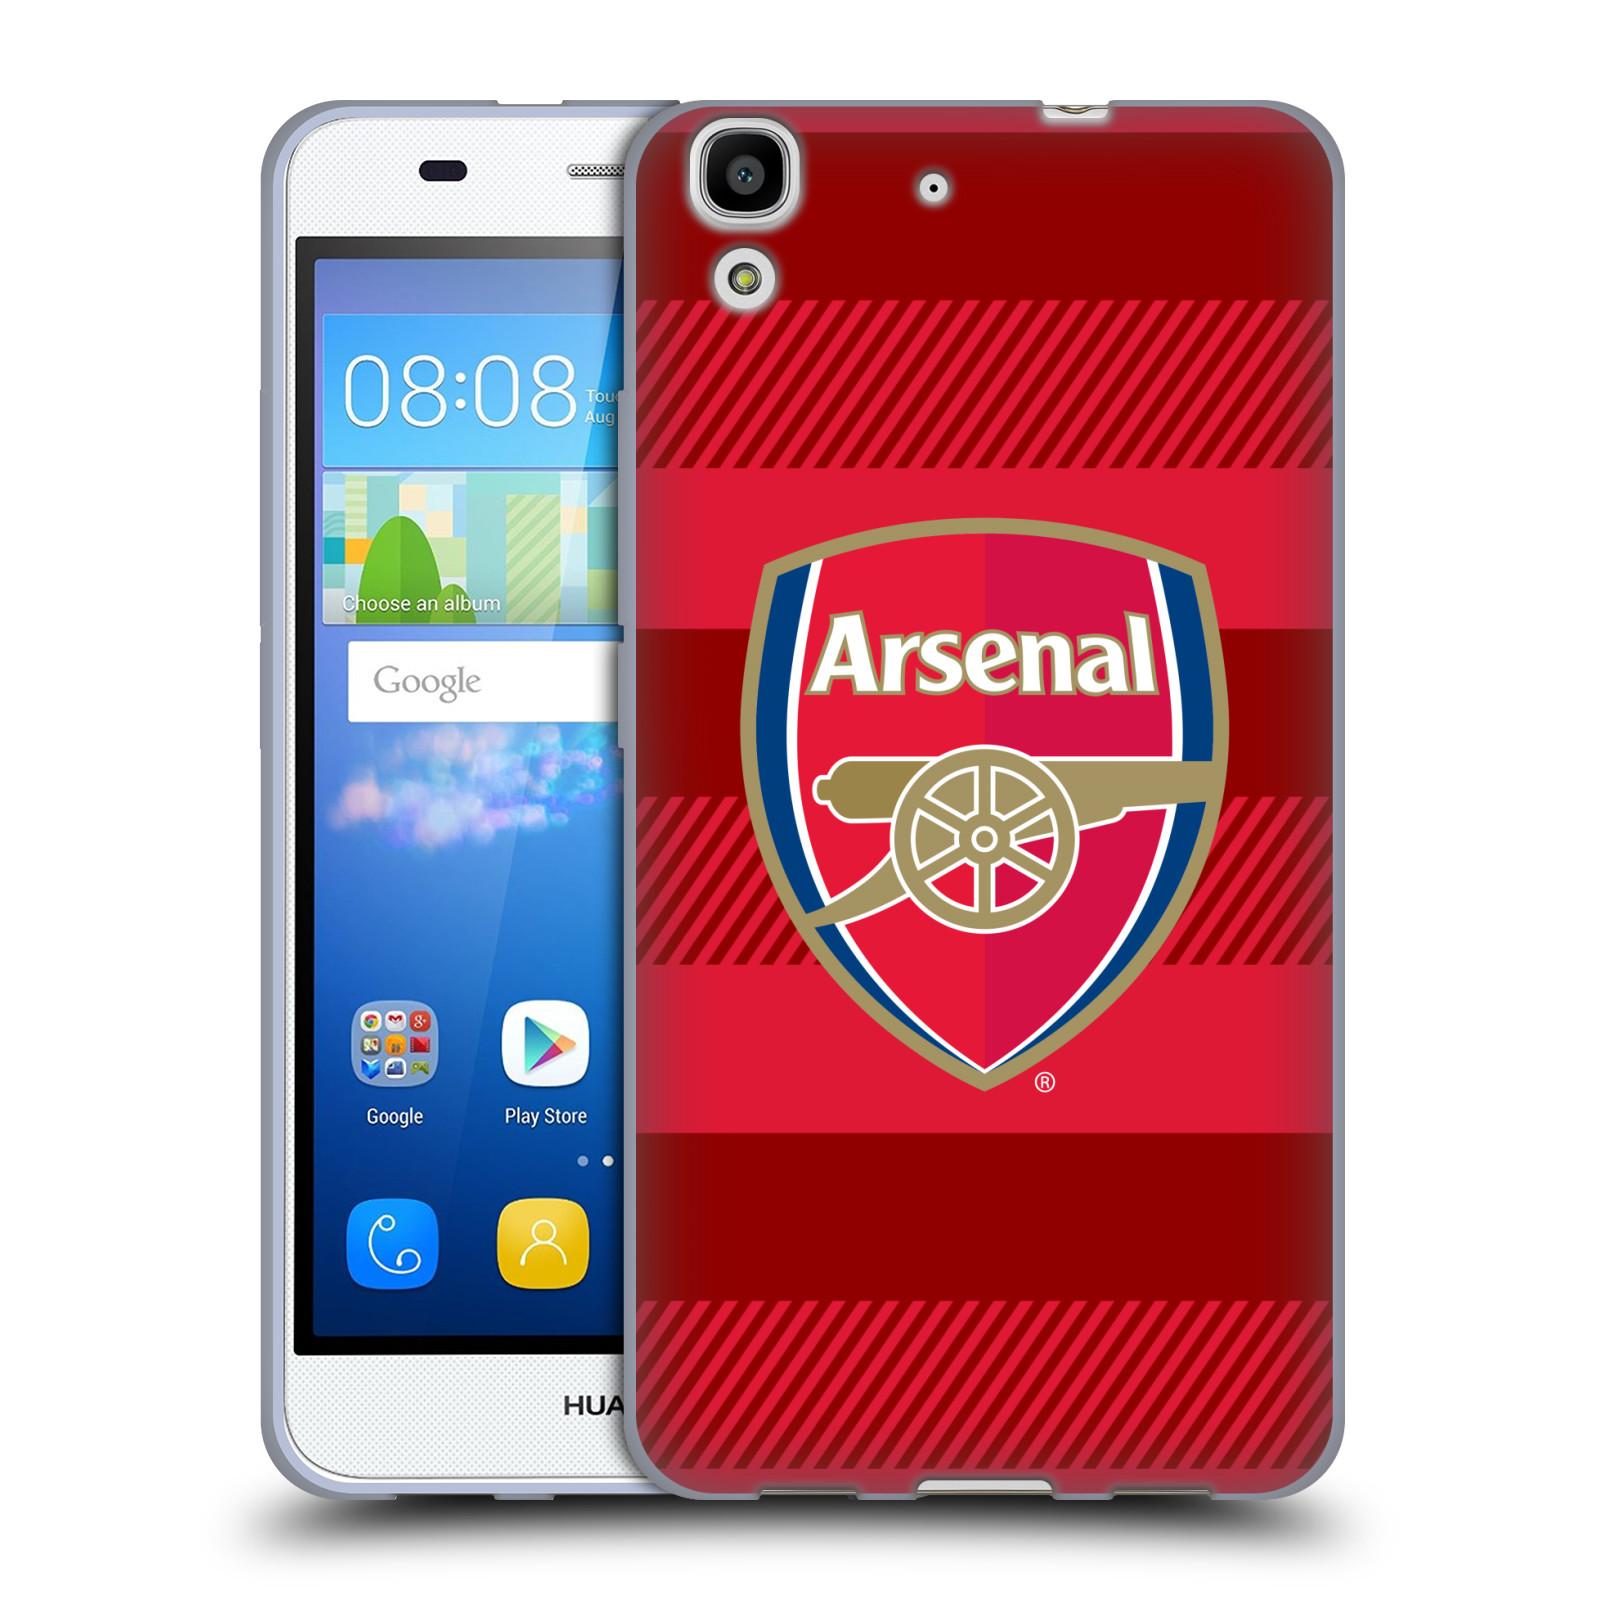 Silikonové pouzdro na mobil Huawei Y6 - Head Case - Arsenal FC - Logo s pruhy